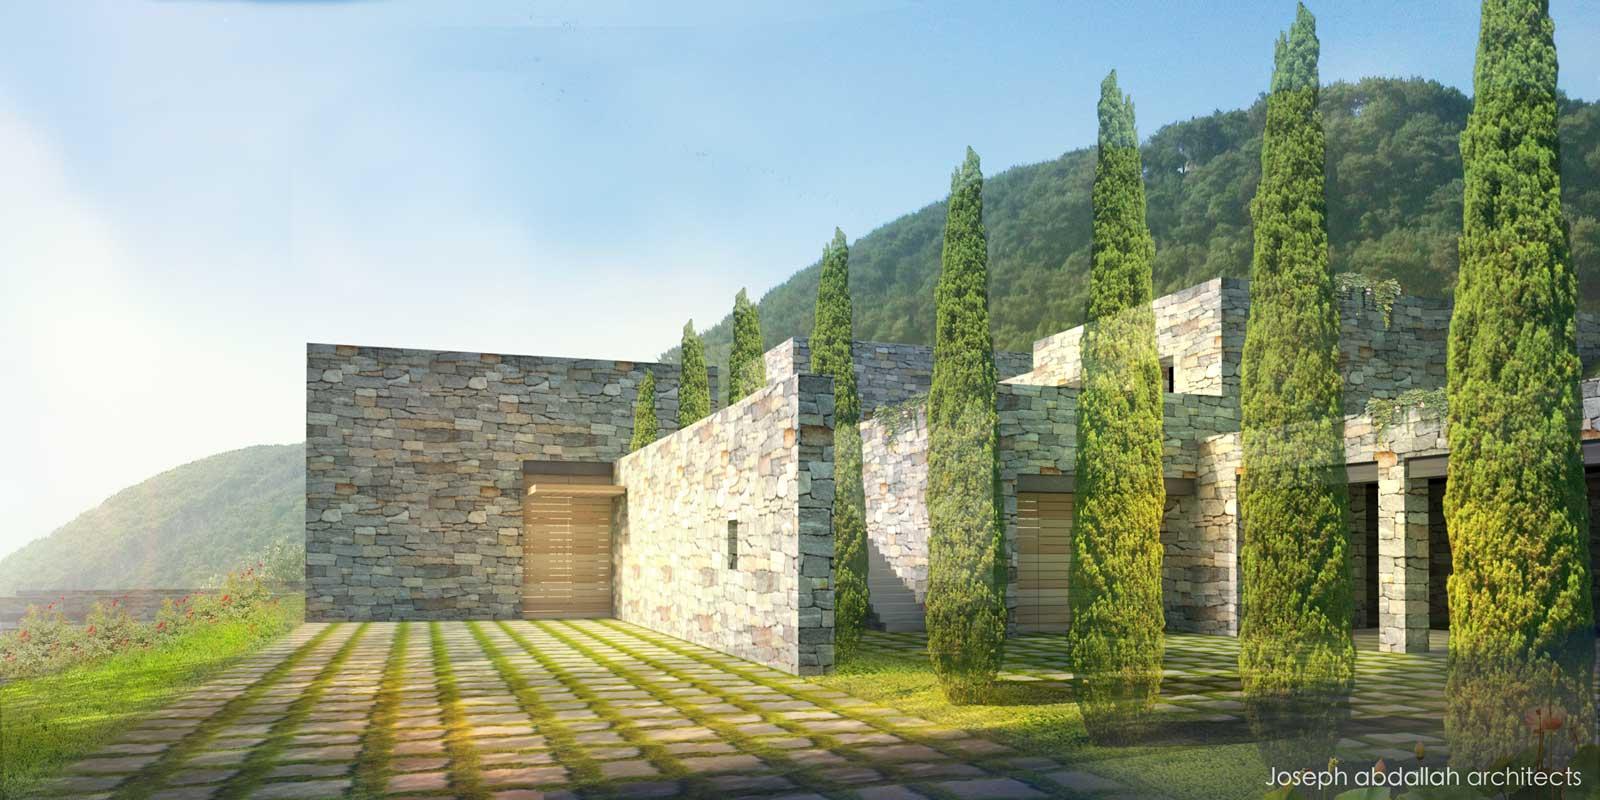 ejbeh-domaine-architecture-villa-lebanon-joseph-abdallah-architects-1